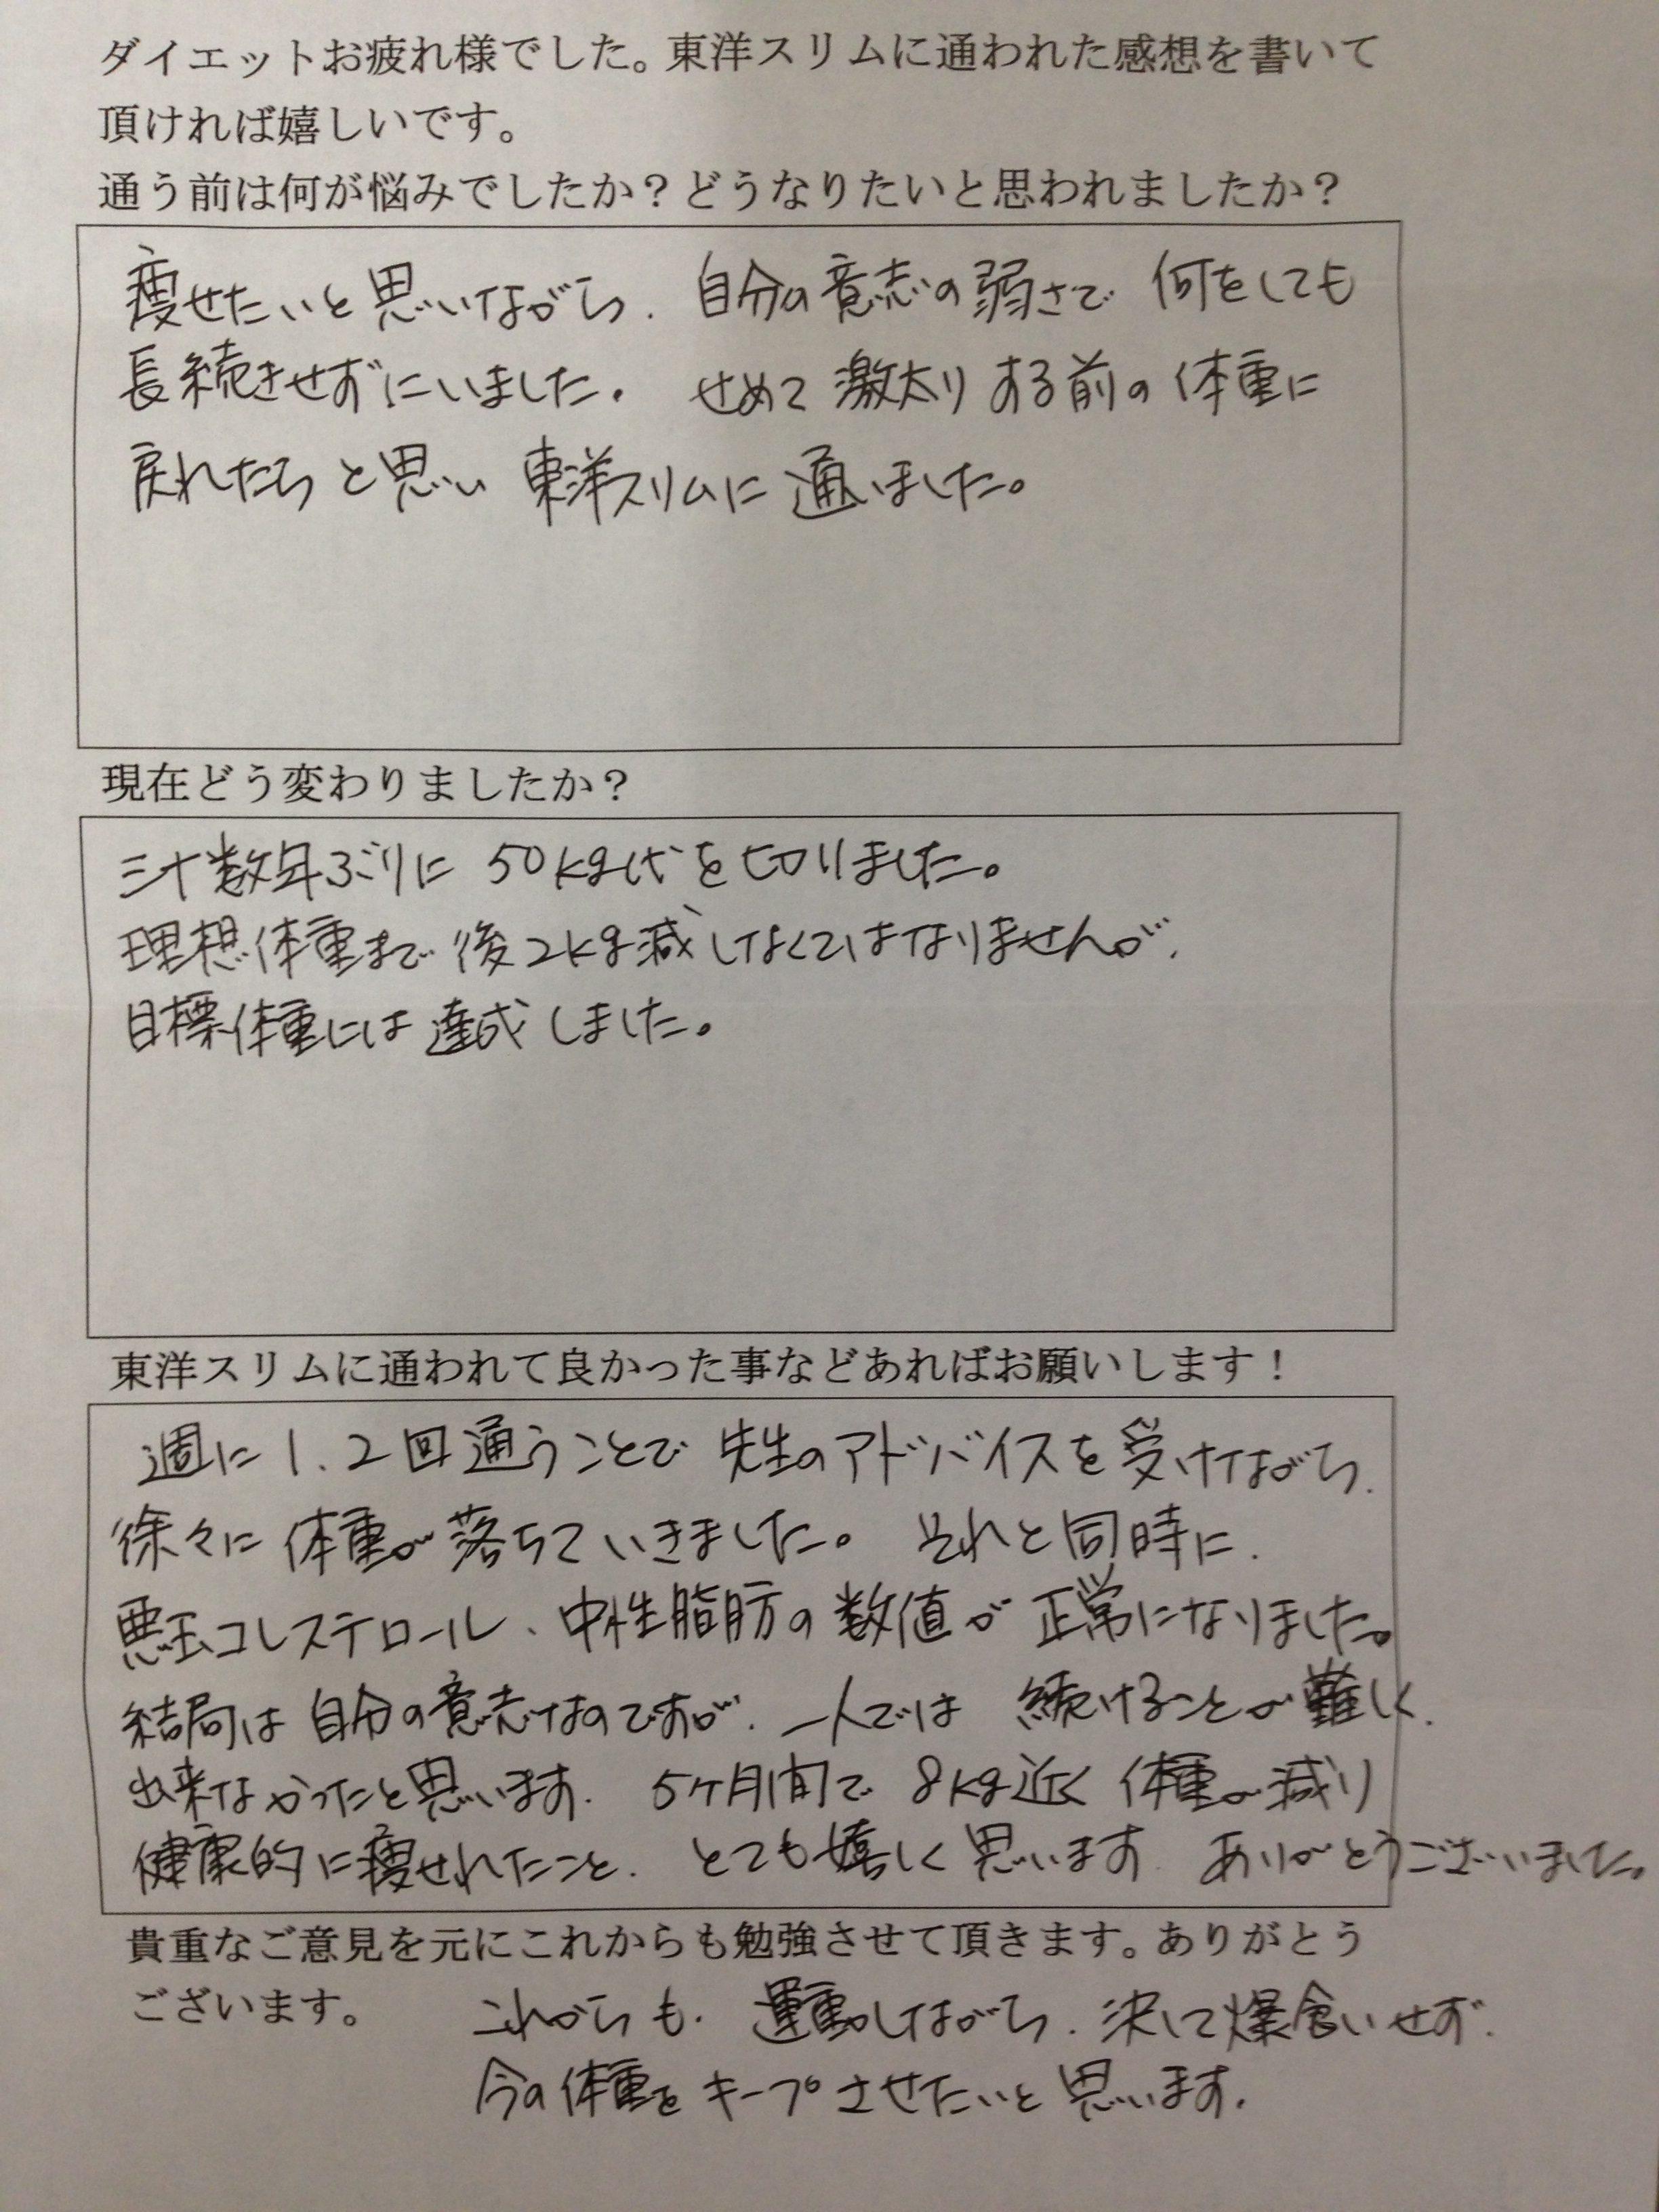 大阪府堺市Kさん59才耳ツボダイエットでー8kg成功。LDL中性脂肪が正常値に。